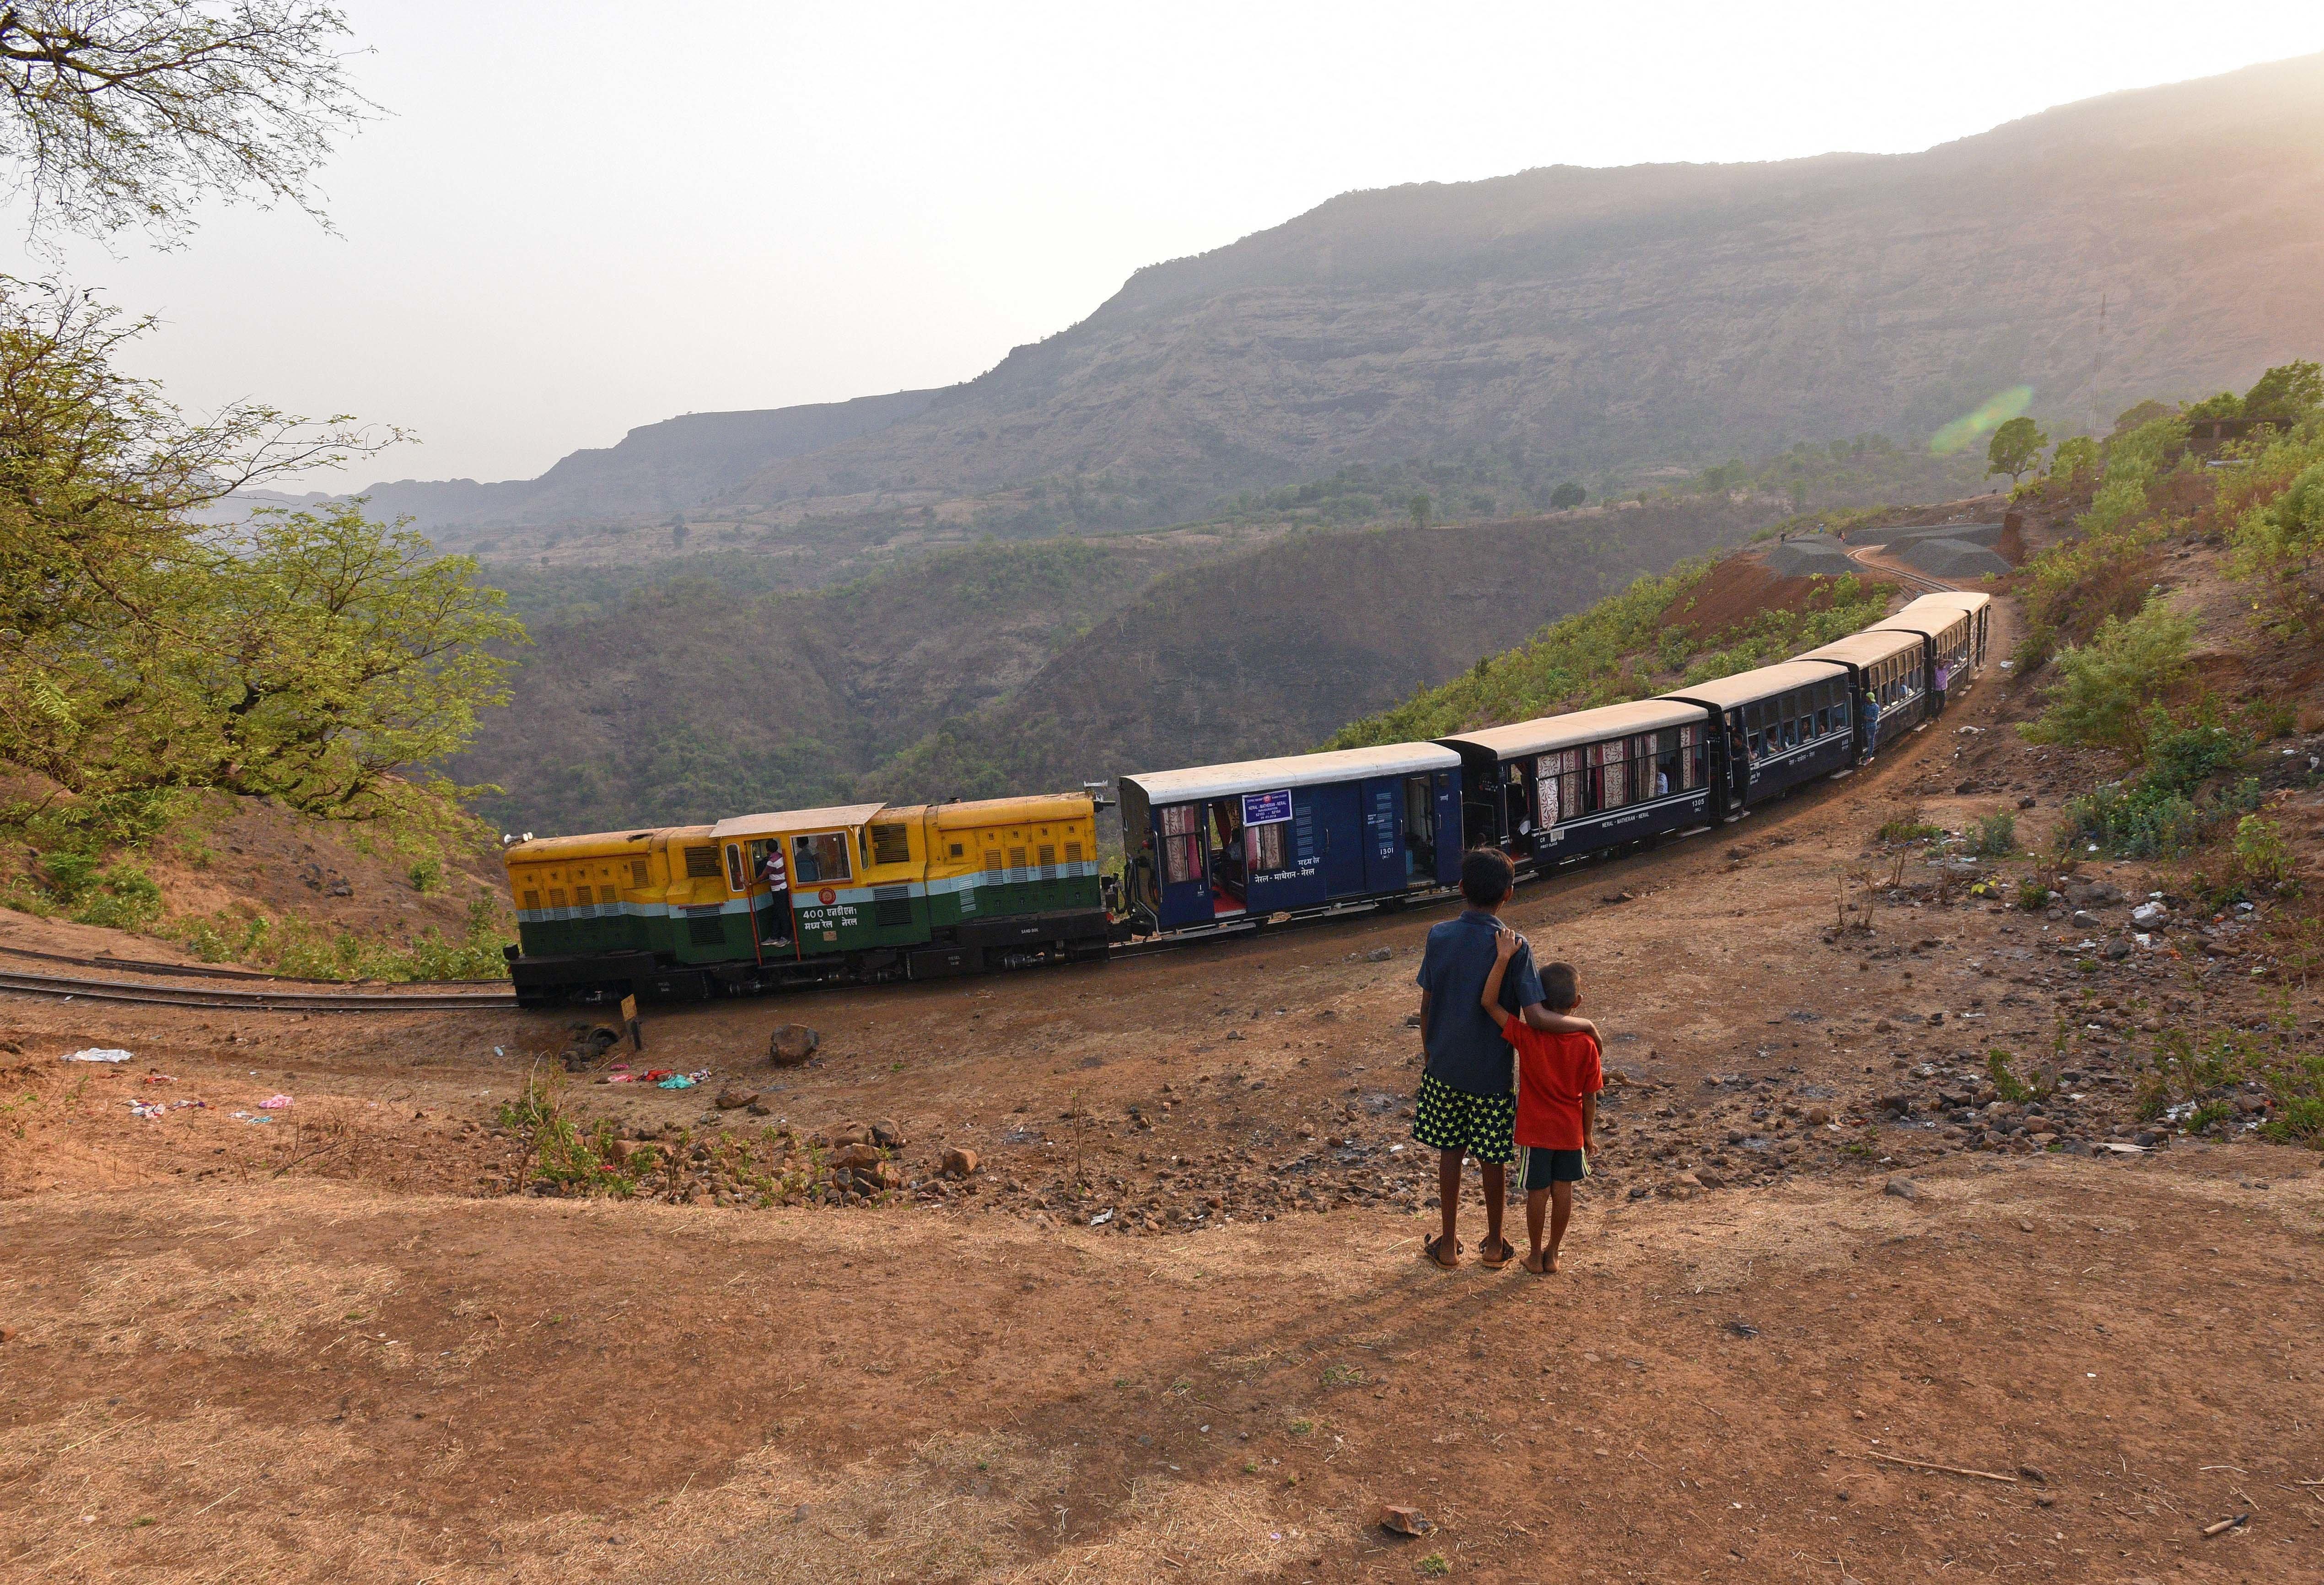 Απίστευτο και όμως αληθινό: 22 βαγόνια τρένου με 1000 επιβάτες κυλούσαν επί 12 χιλιόμετρα προς τα